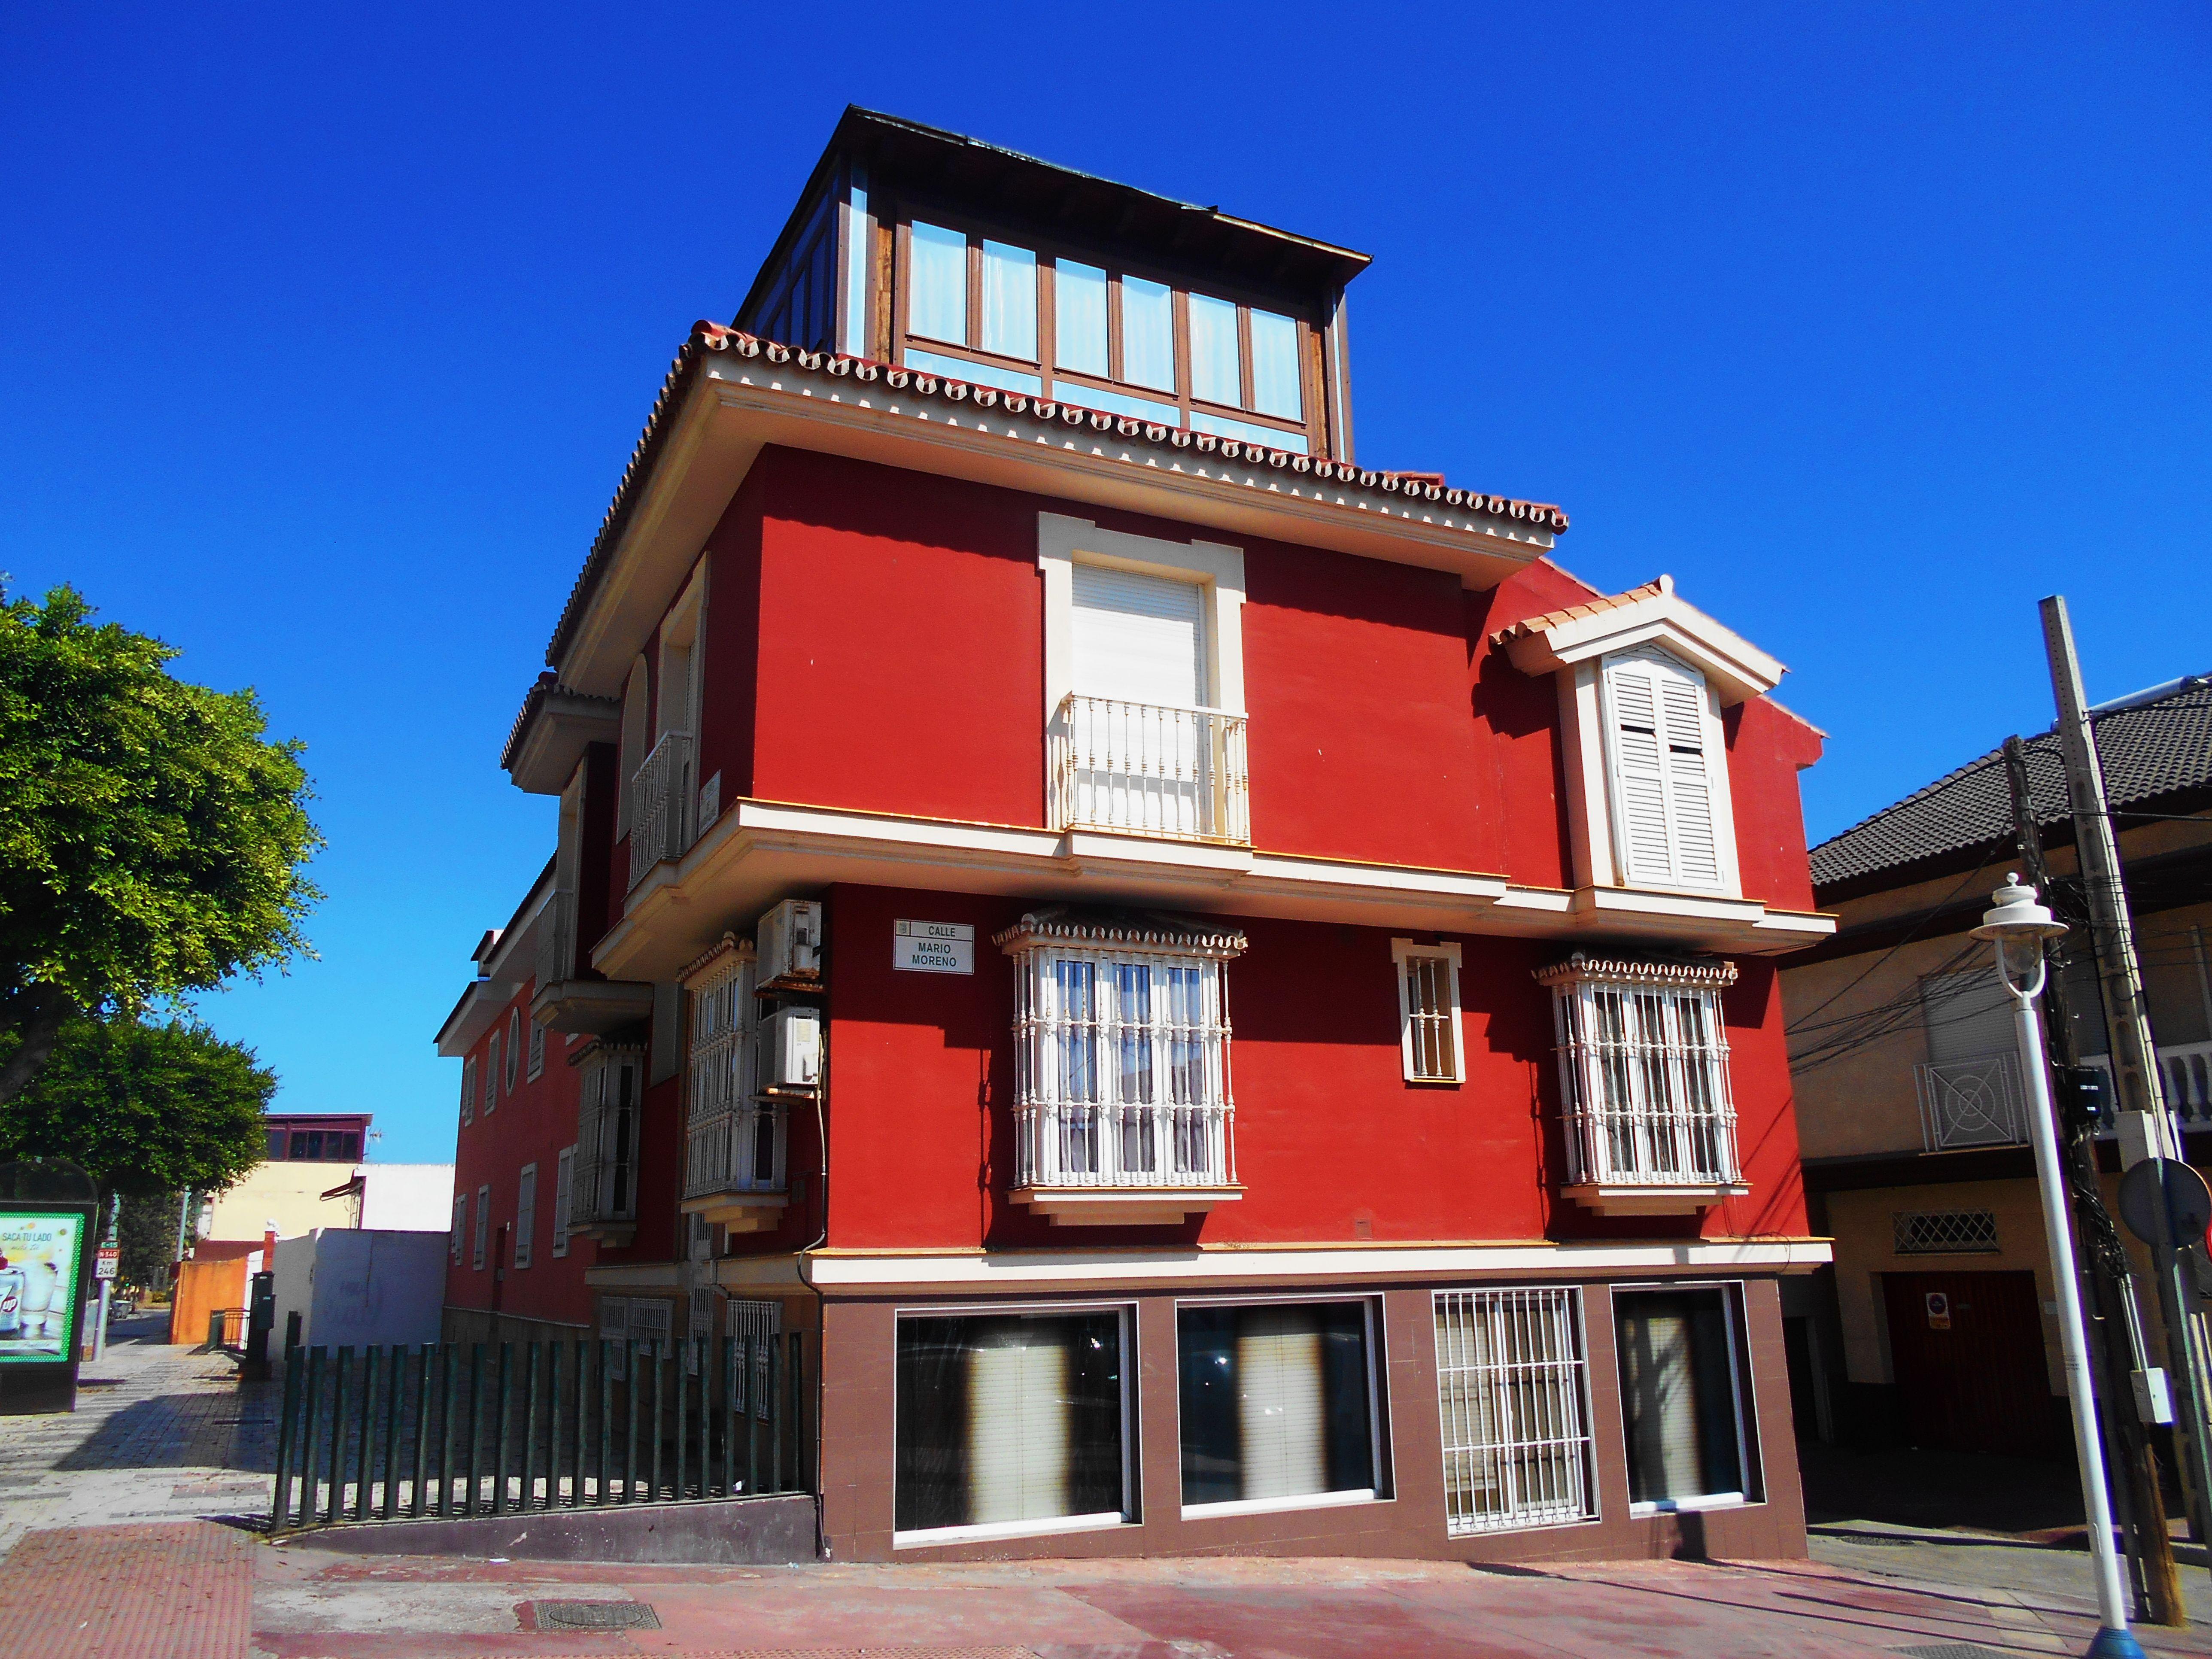 Casa de nivel mas alto de lo habitual. Barriada de pescadores. Málaga.